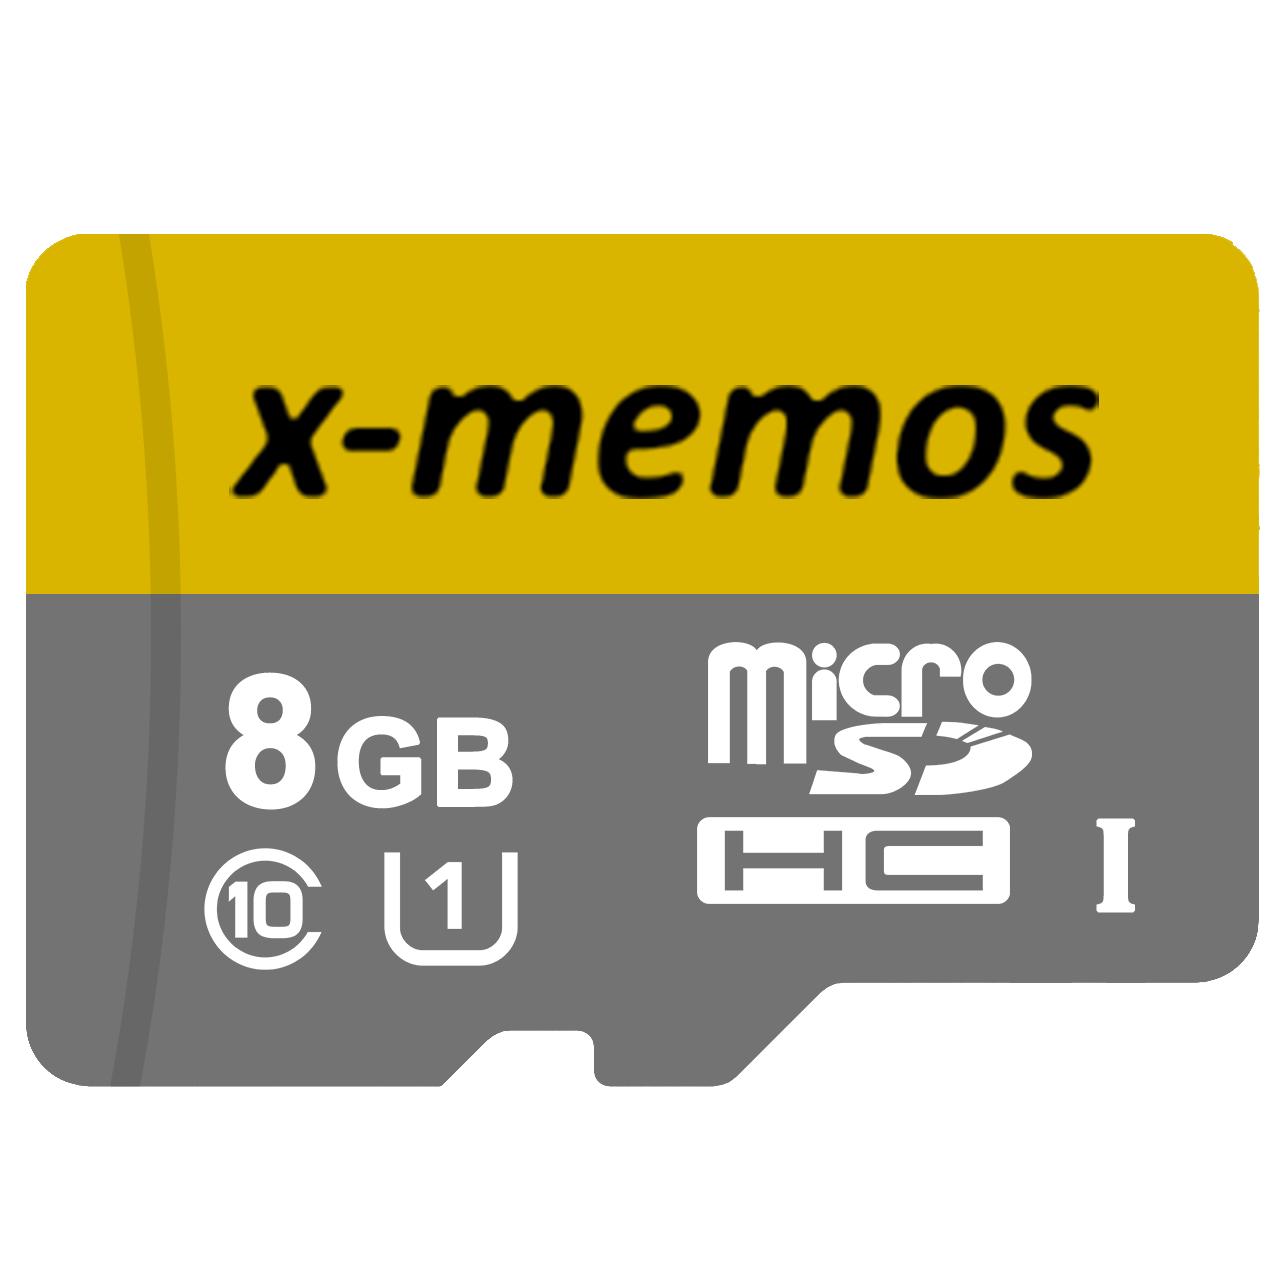 کارت حافظه microSDHC ایکس-مموس کلاس 10 استاندارد UHS-I U1 سرعت 30MBps ظرفیت 8 گیگابایت